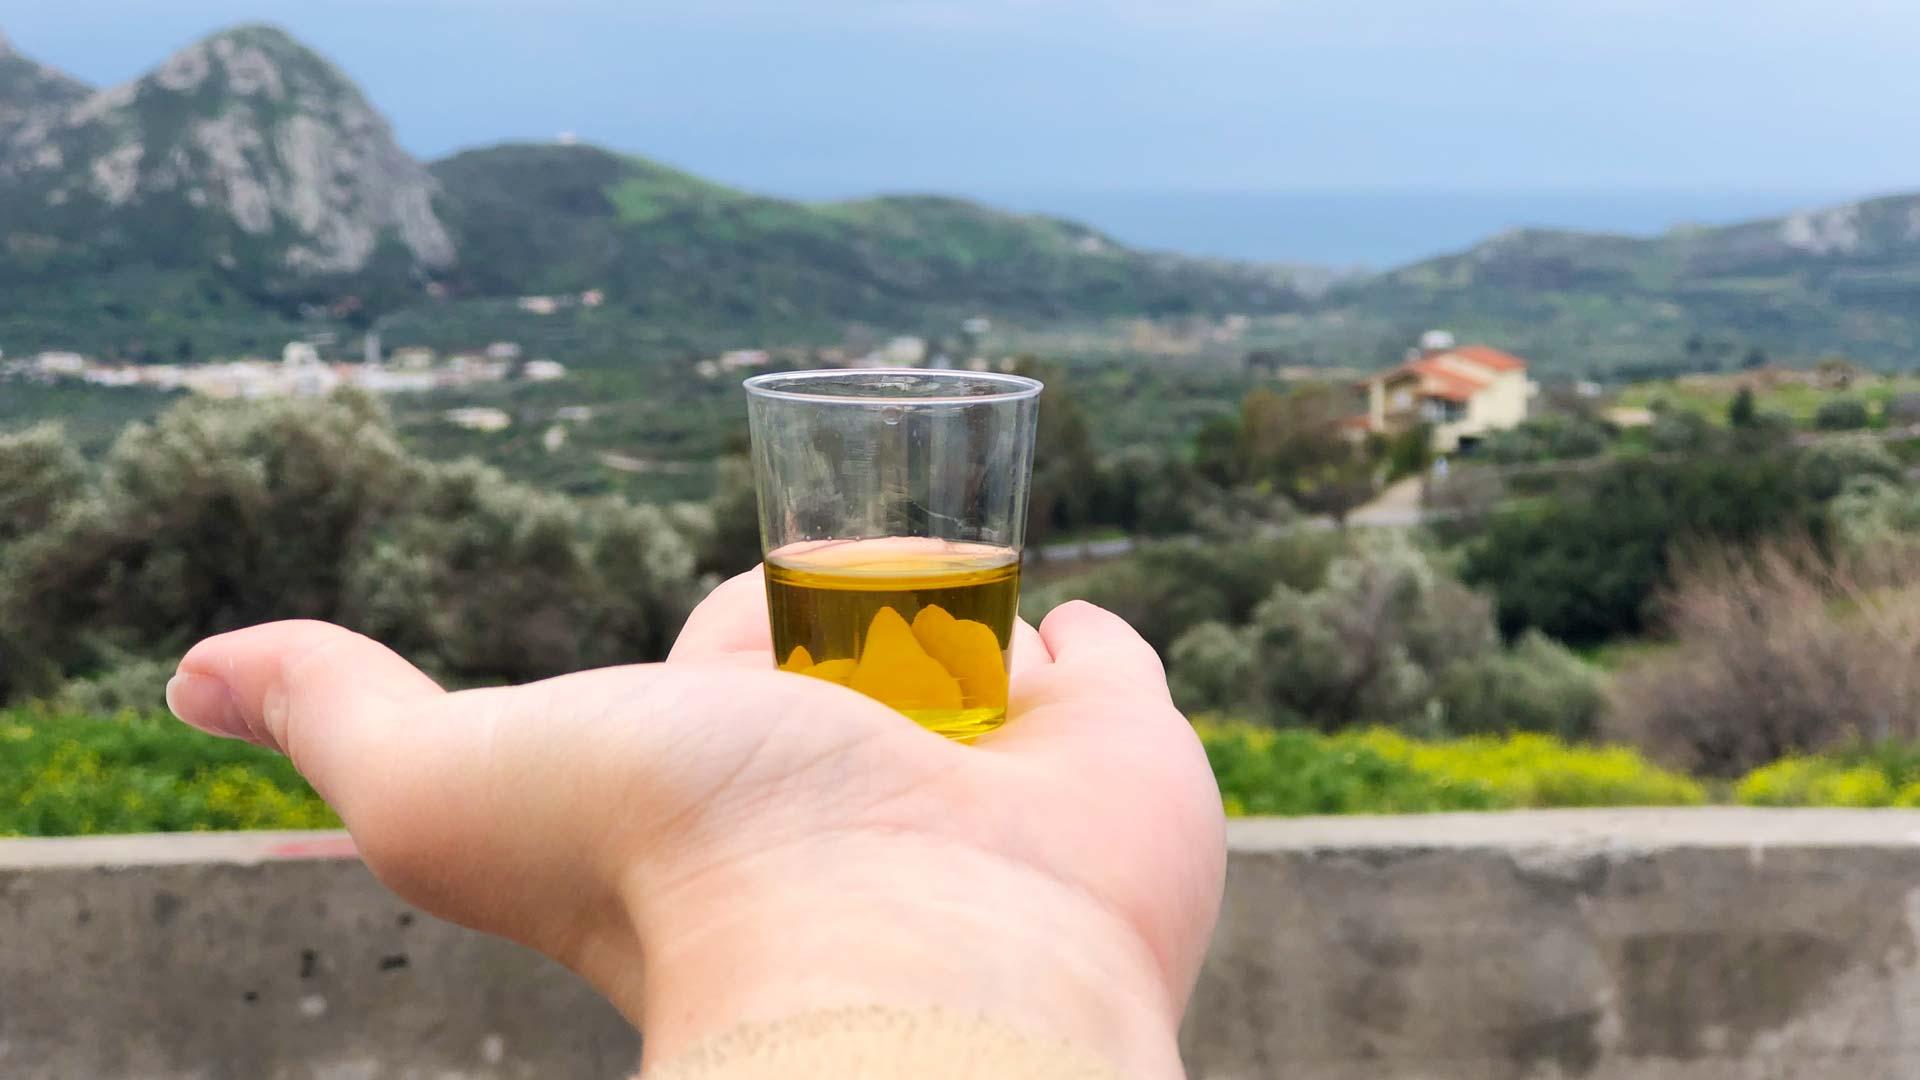 DU BIST GRIECHE besucht regionale Produzenten auf Kreta